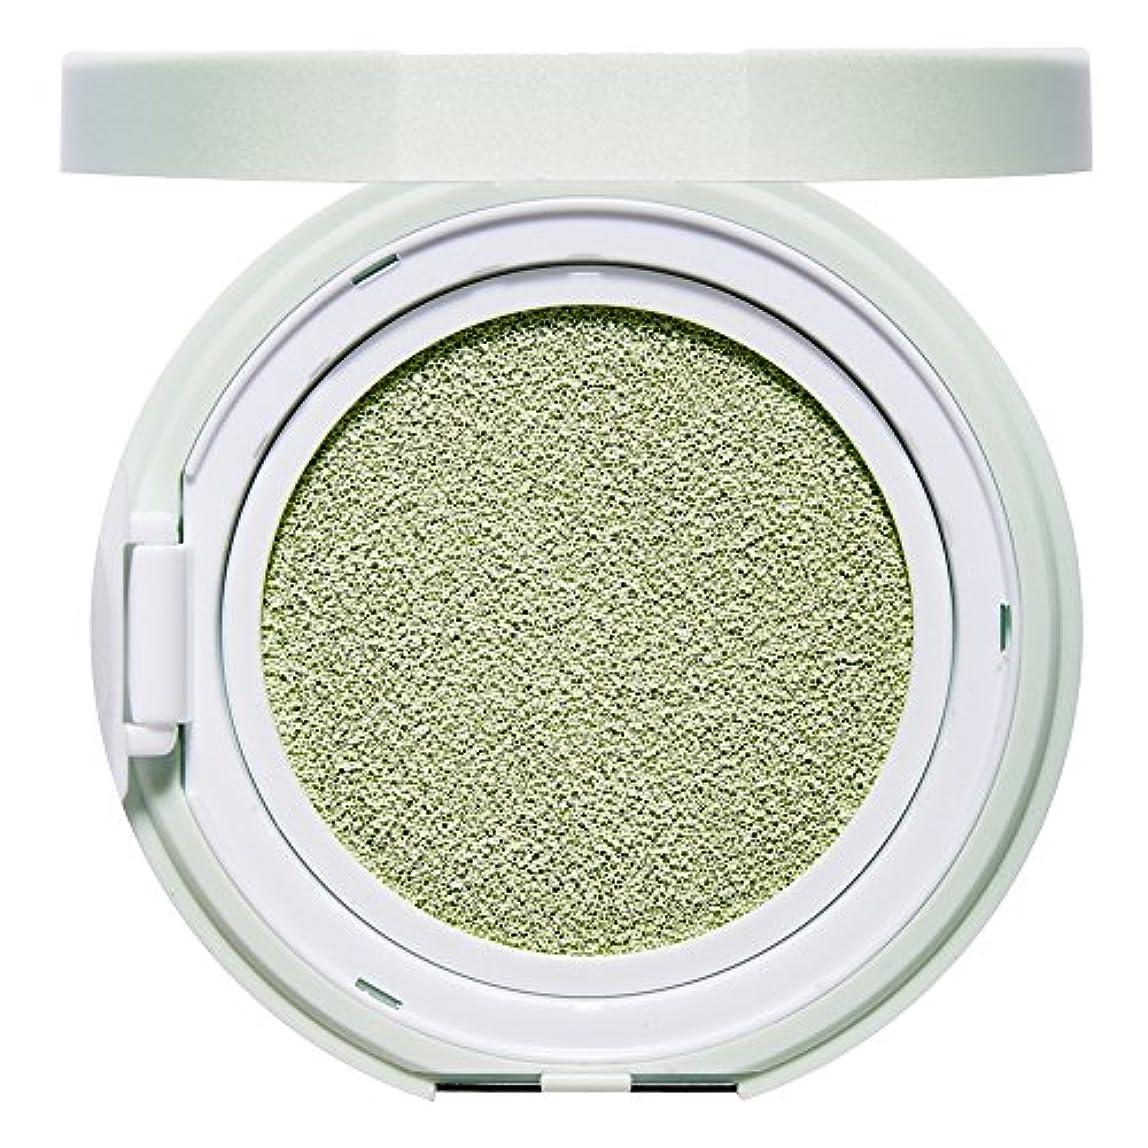 間違っている敬の念狂乱エチュードハウス(ETUDE HOUSE) エニークッション カラーコレクター Mint[化粧下地、コントロールカラー、緑、グリーン]